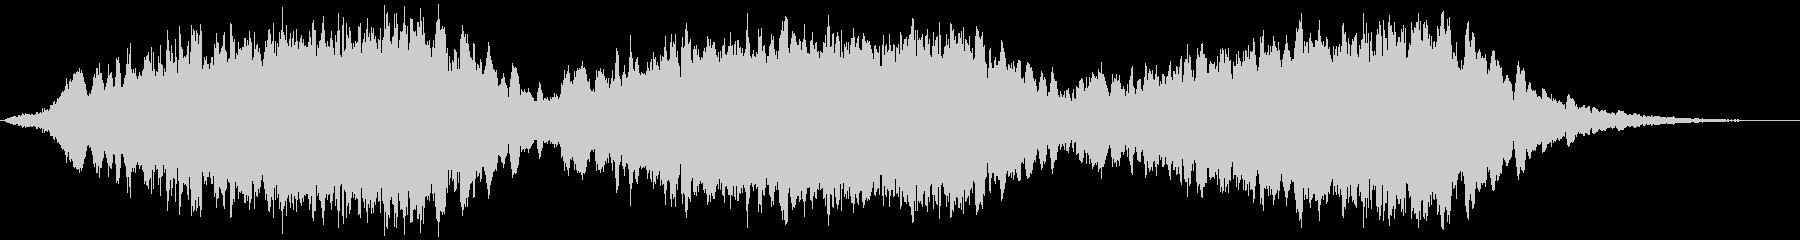 PADS クジラの歌02の未再生の波形